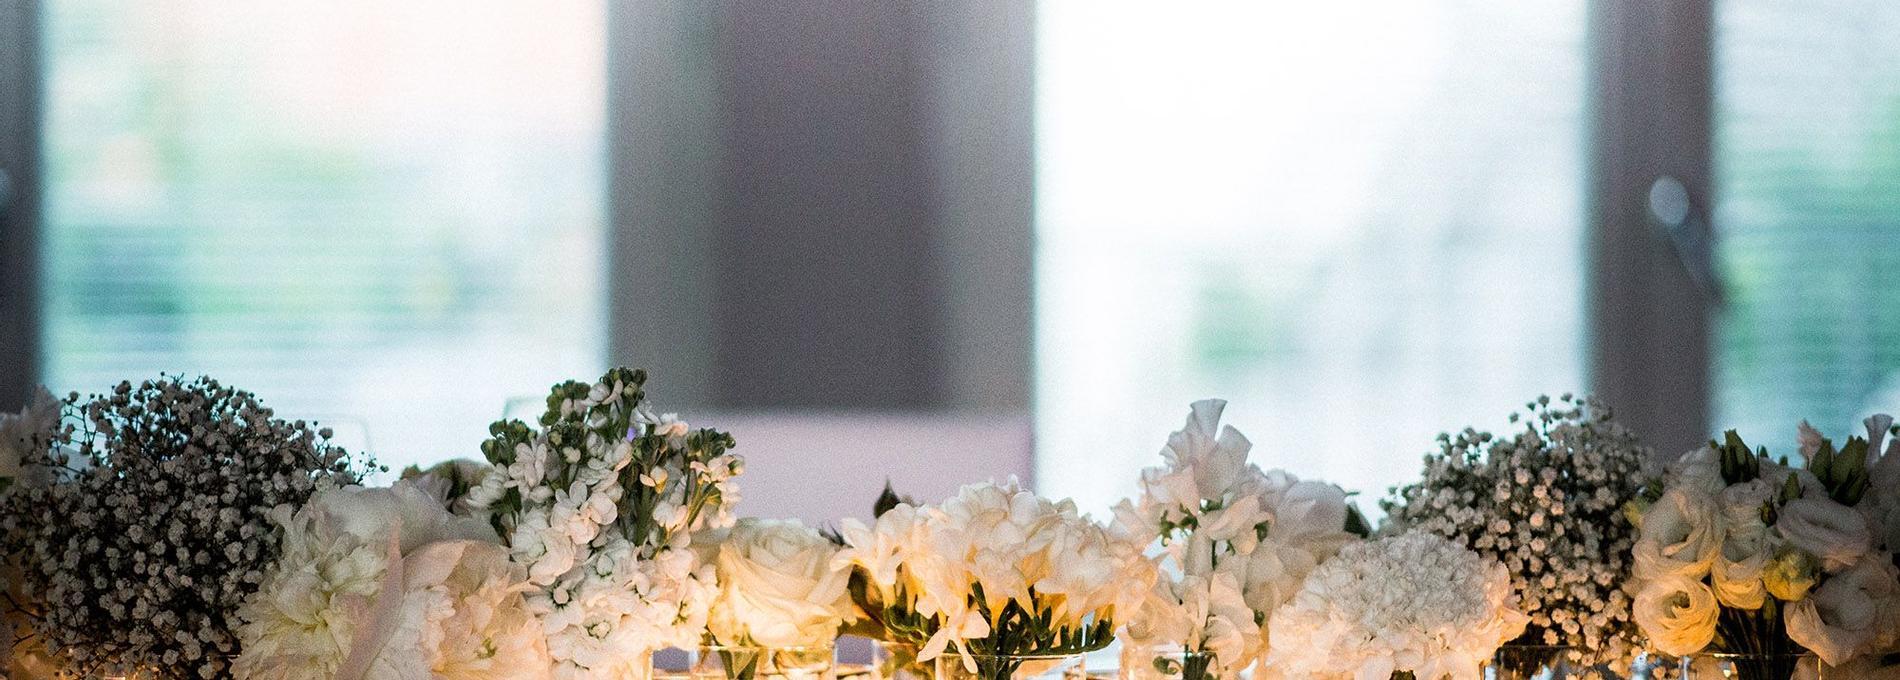 Hochzeitstag 15 glückwünsche zum Romantische Sprüche